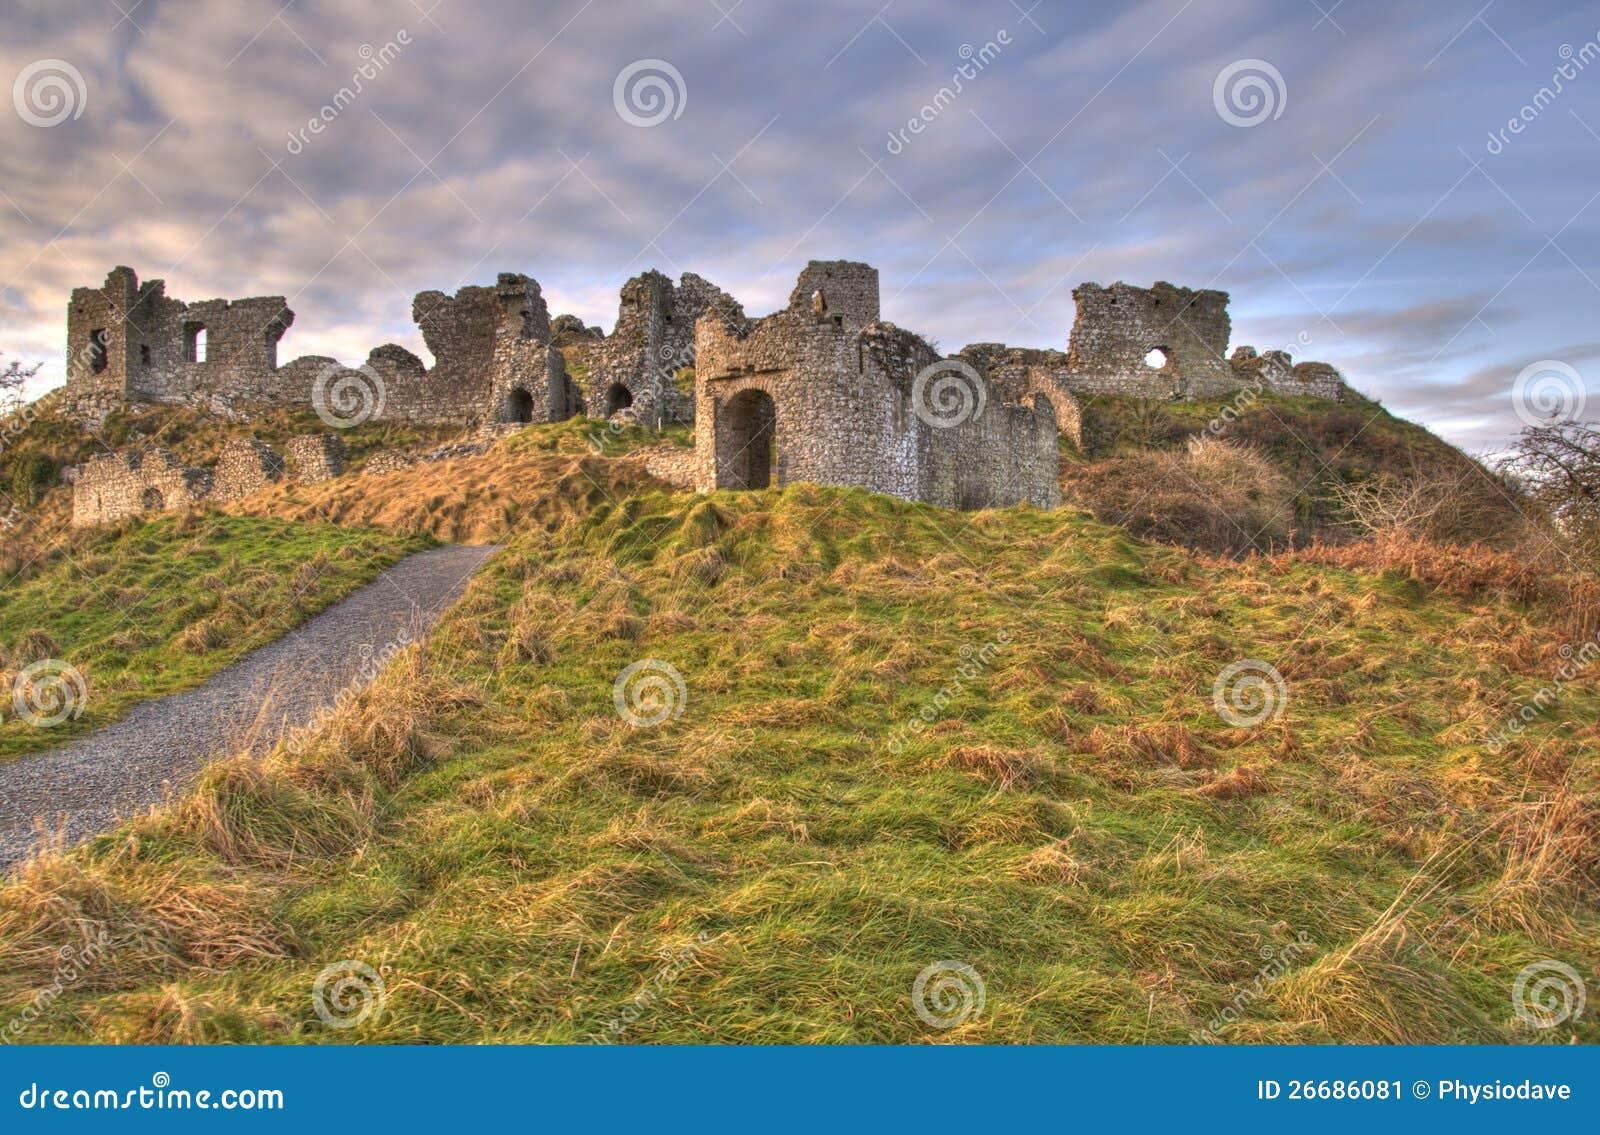 Dunamase Castle Portlaoise Ireland Stock Image Image